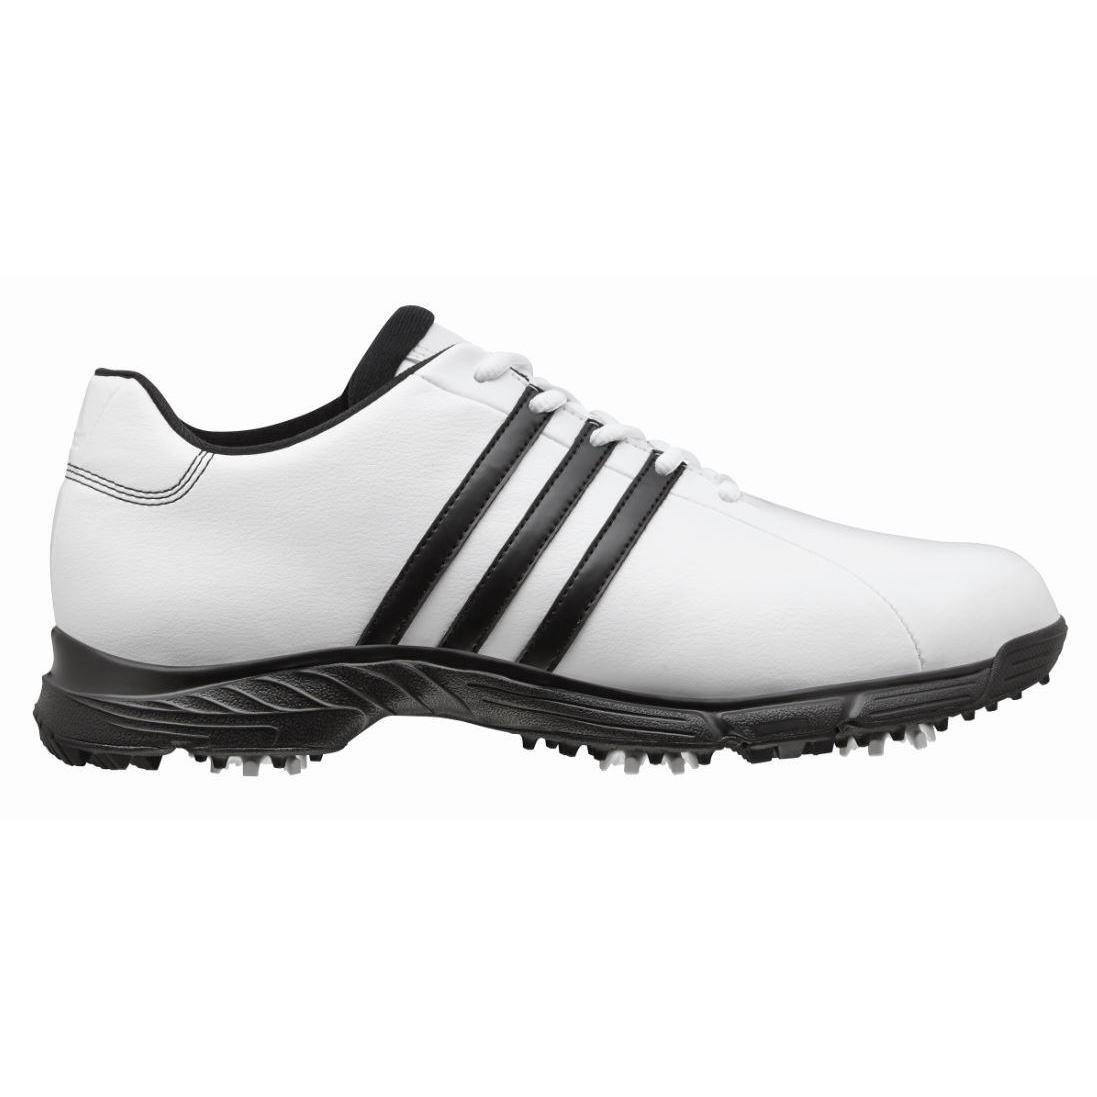 adidas Golflite TR Mens Golf Shoe B00ZGKCM4Q 11 2E US White/Black